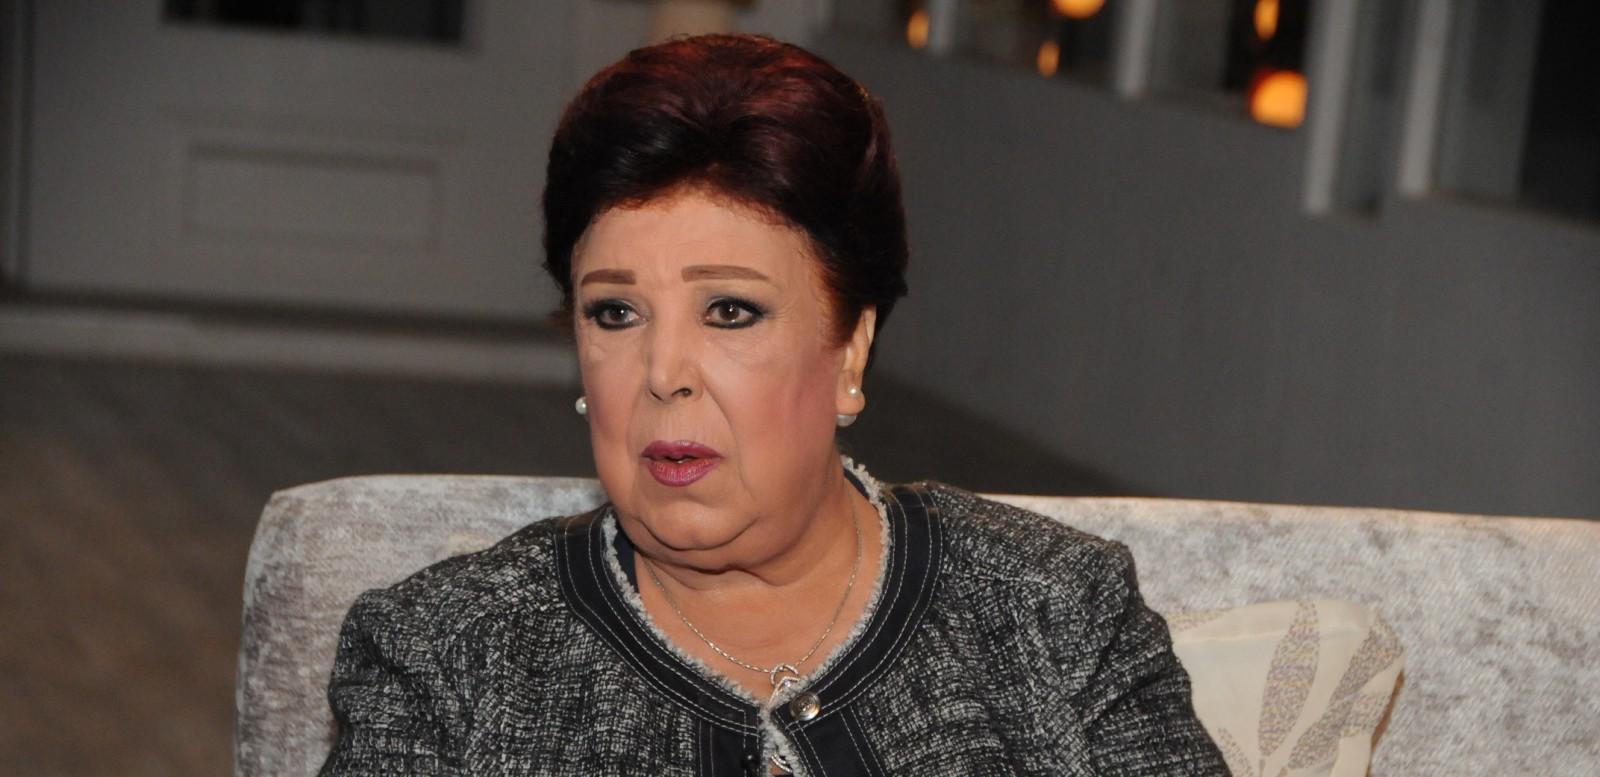 """رجاء الجداوي: """"لهذا رفضت العمل مع وردة الجزائرية"""" واستعارت ملابس زفافها من ممثلة مصرية-بالفيديو"""